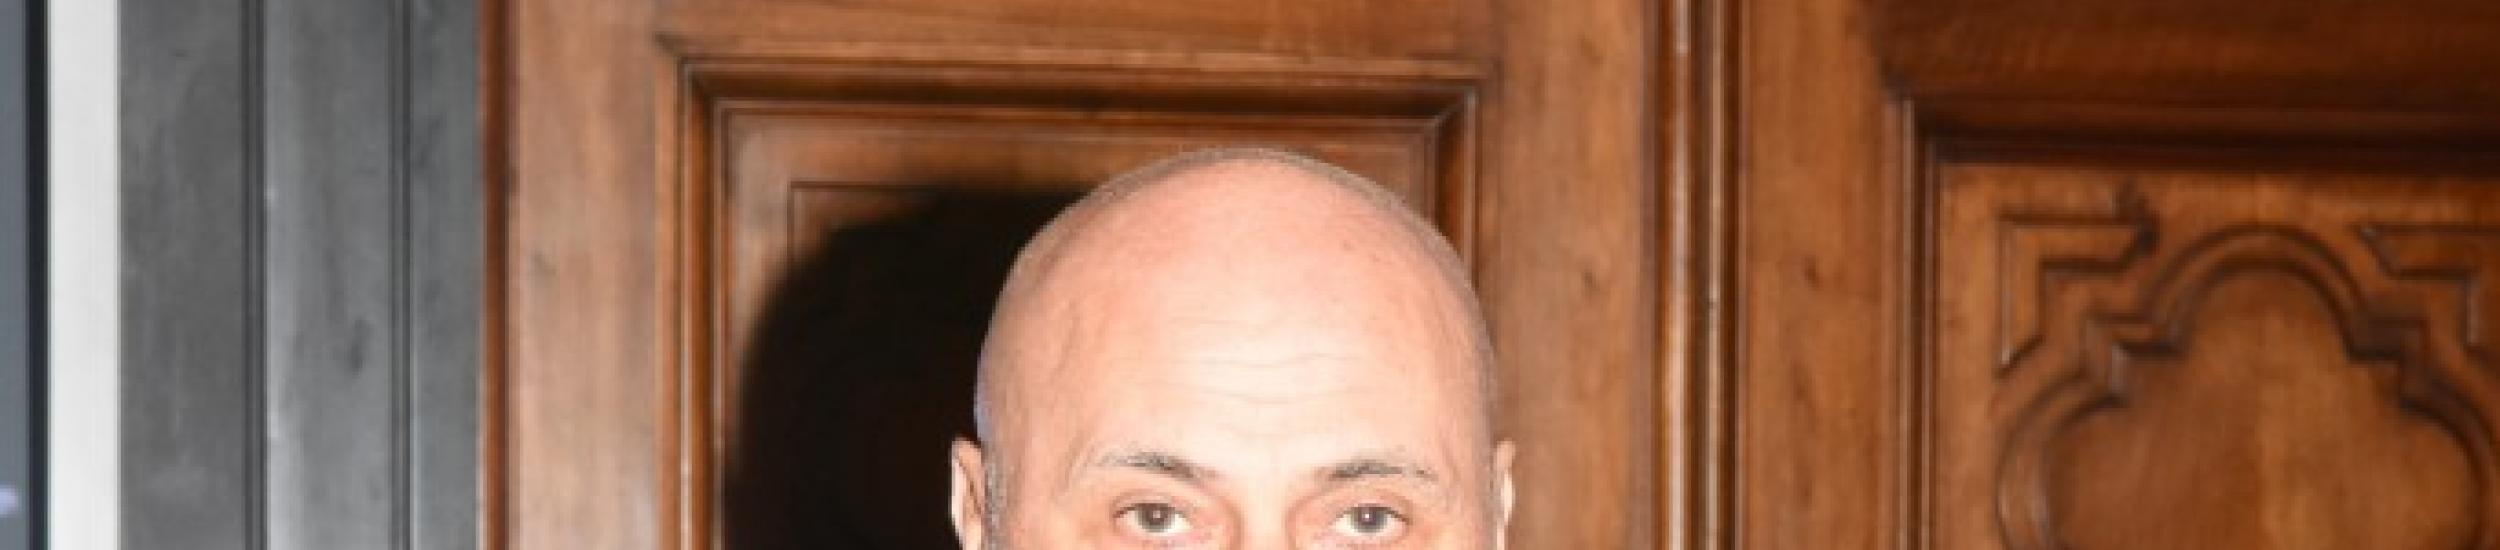 Anzalone Stefano